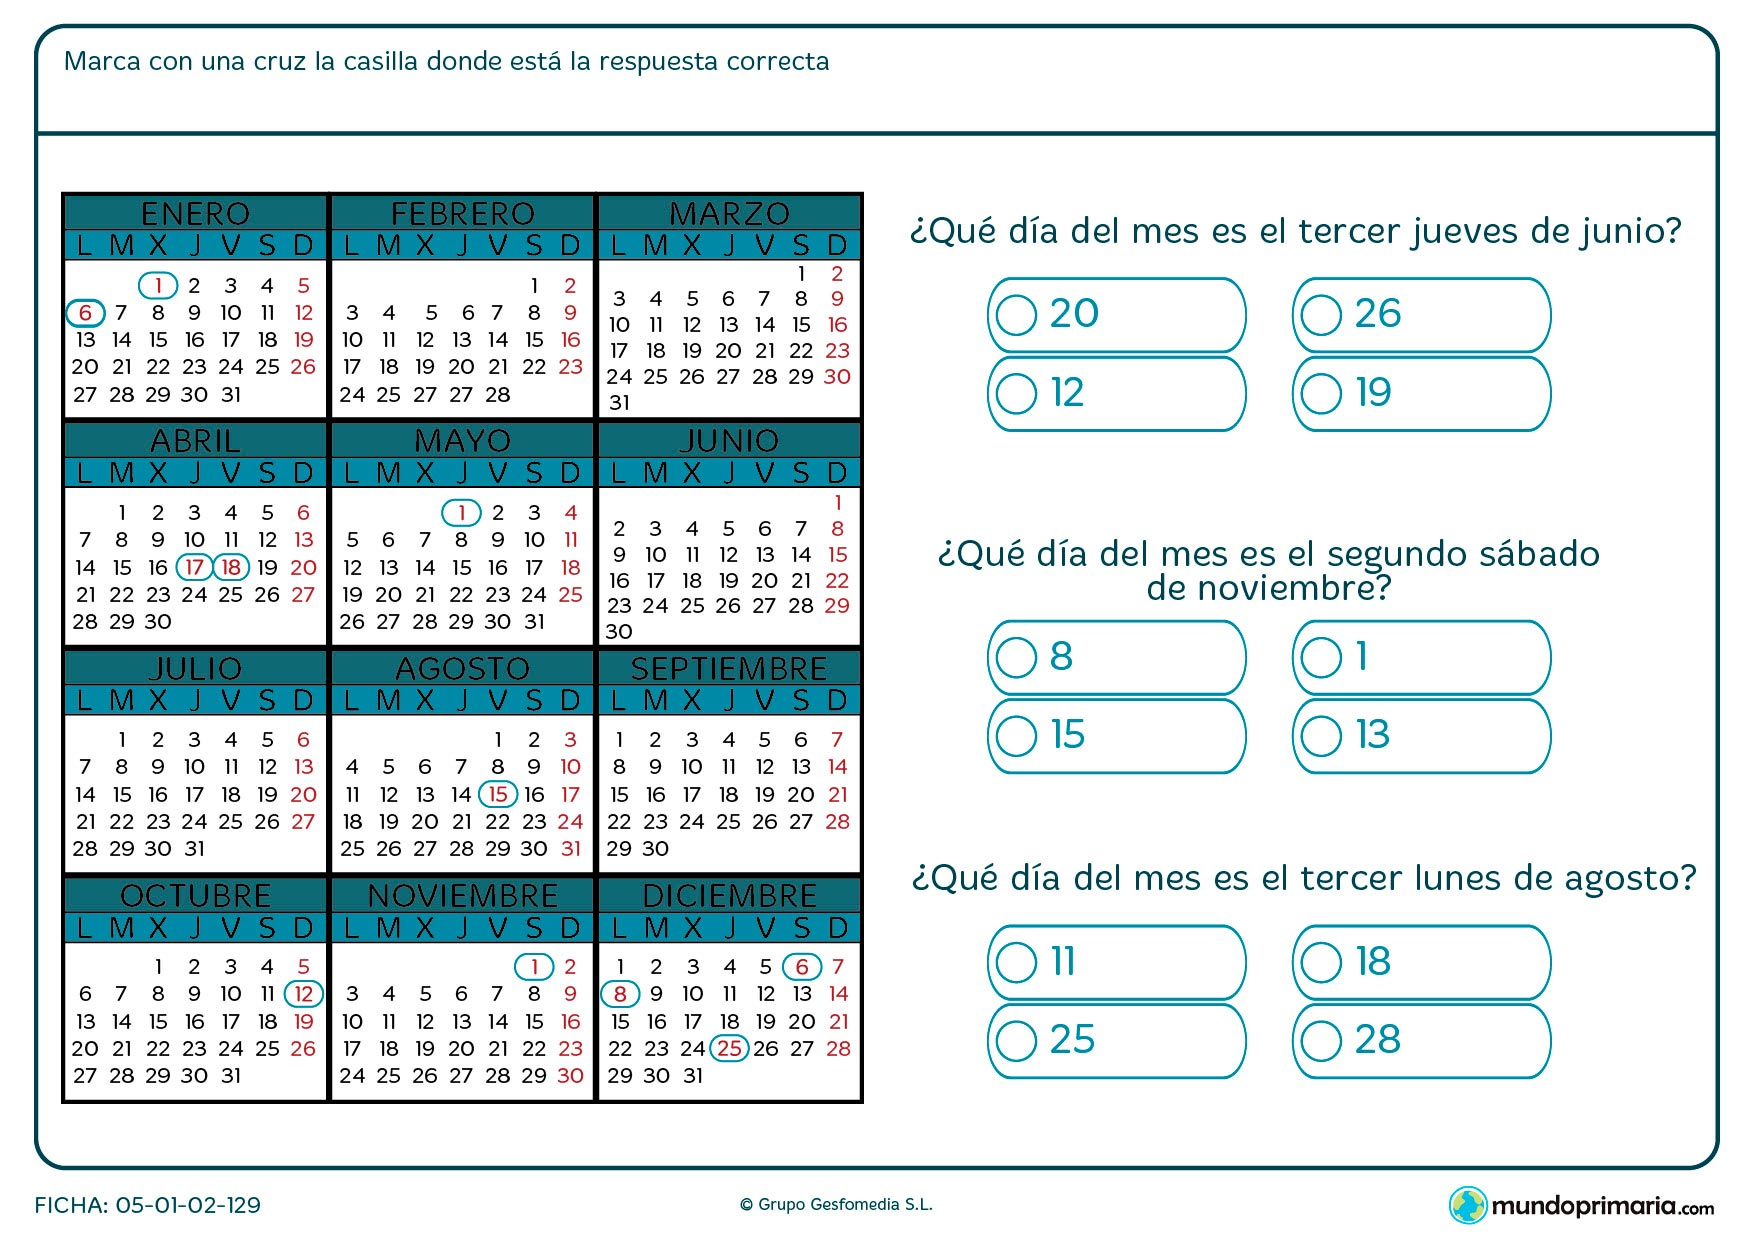 Ficha de días de calendario en la que se presenta un día y su posición ordinal dentro del calendario y en el que has de averiguar de qué número se trata.